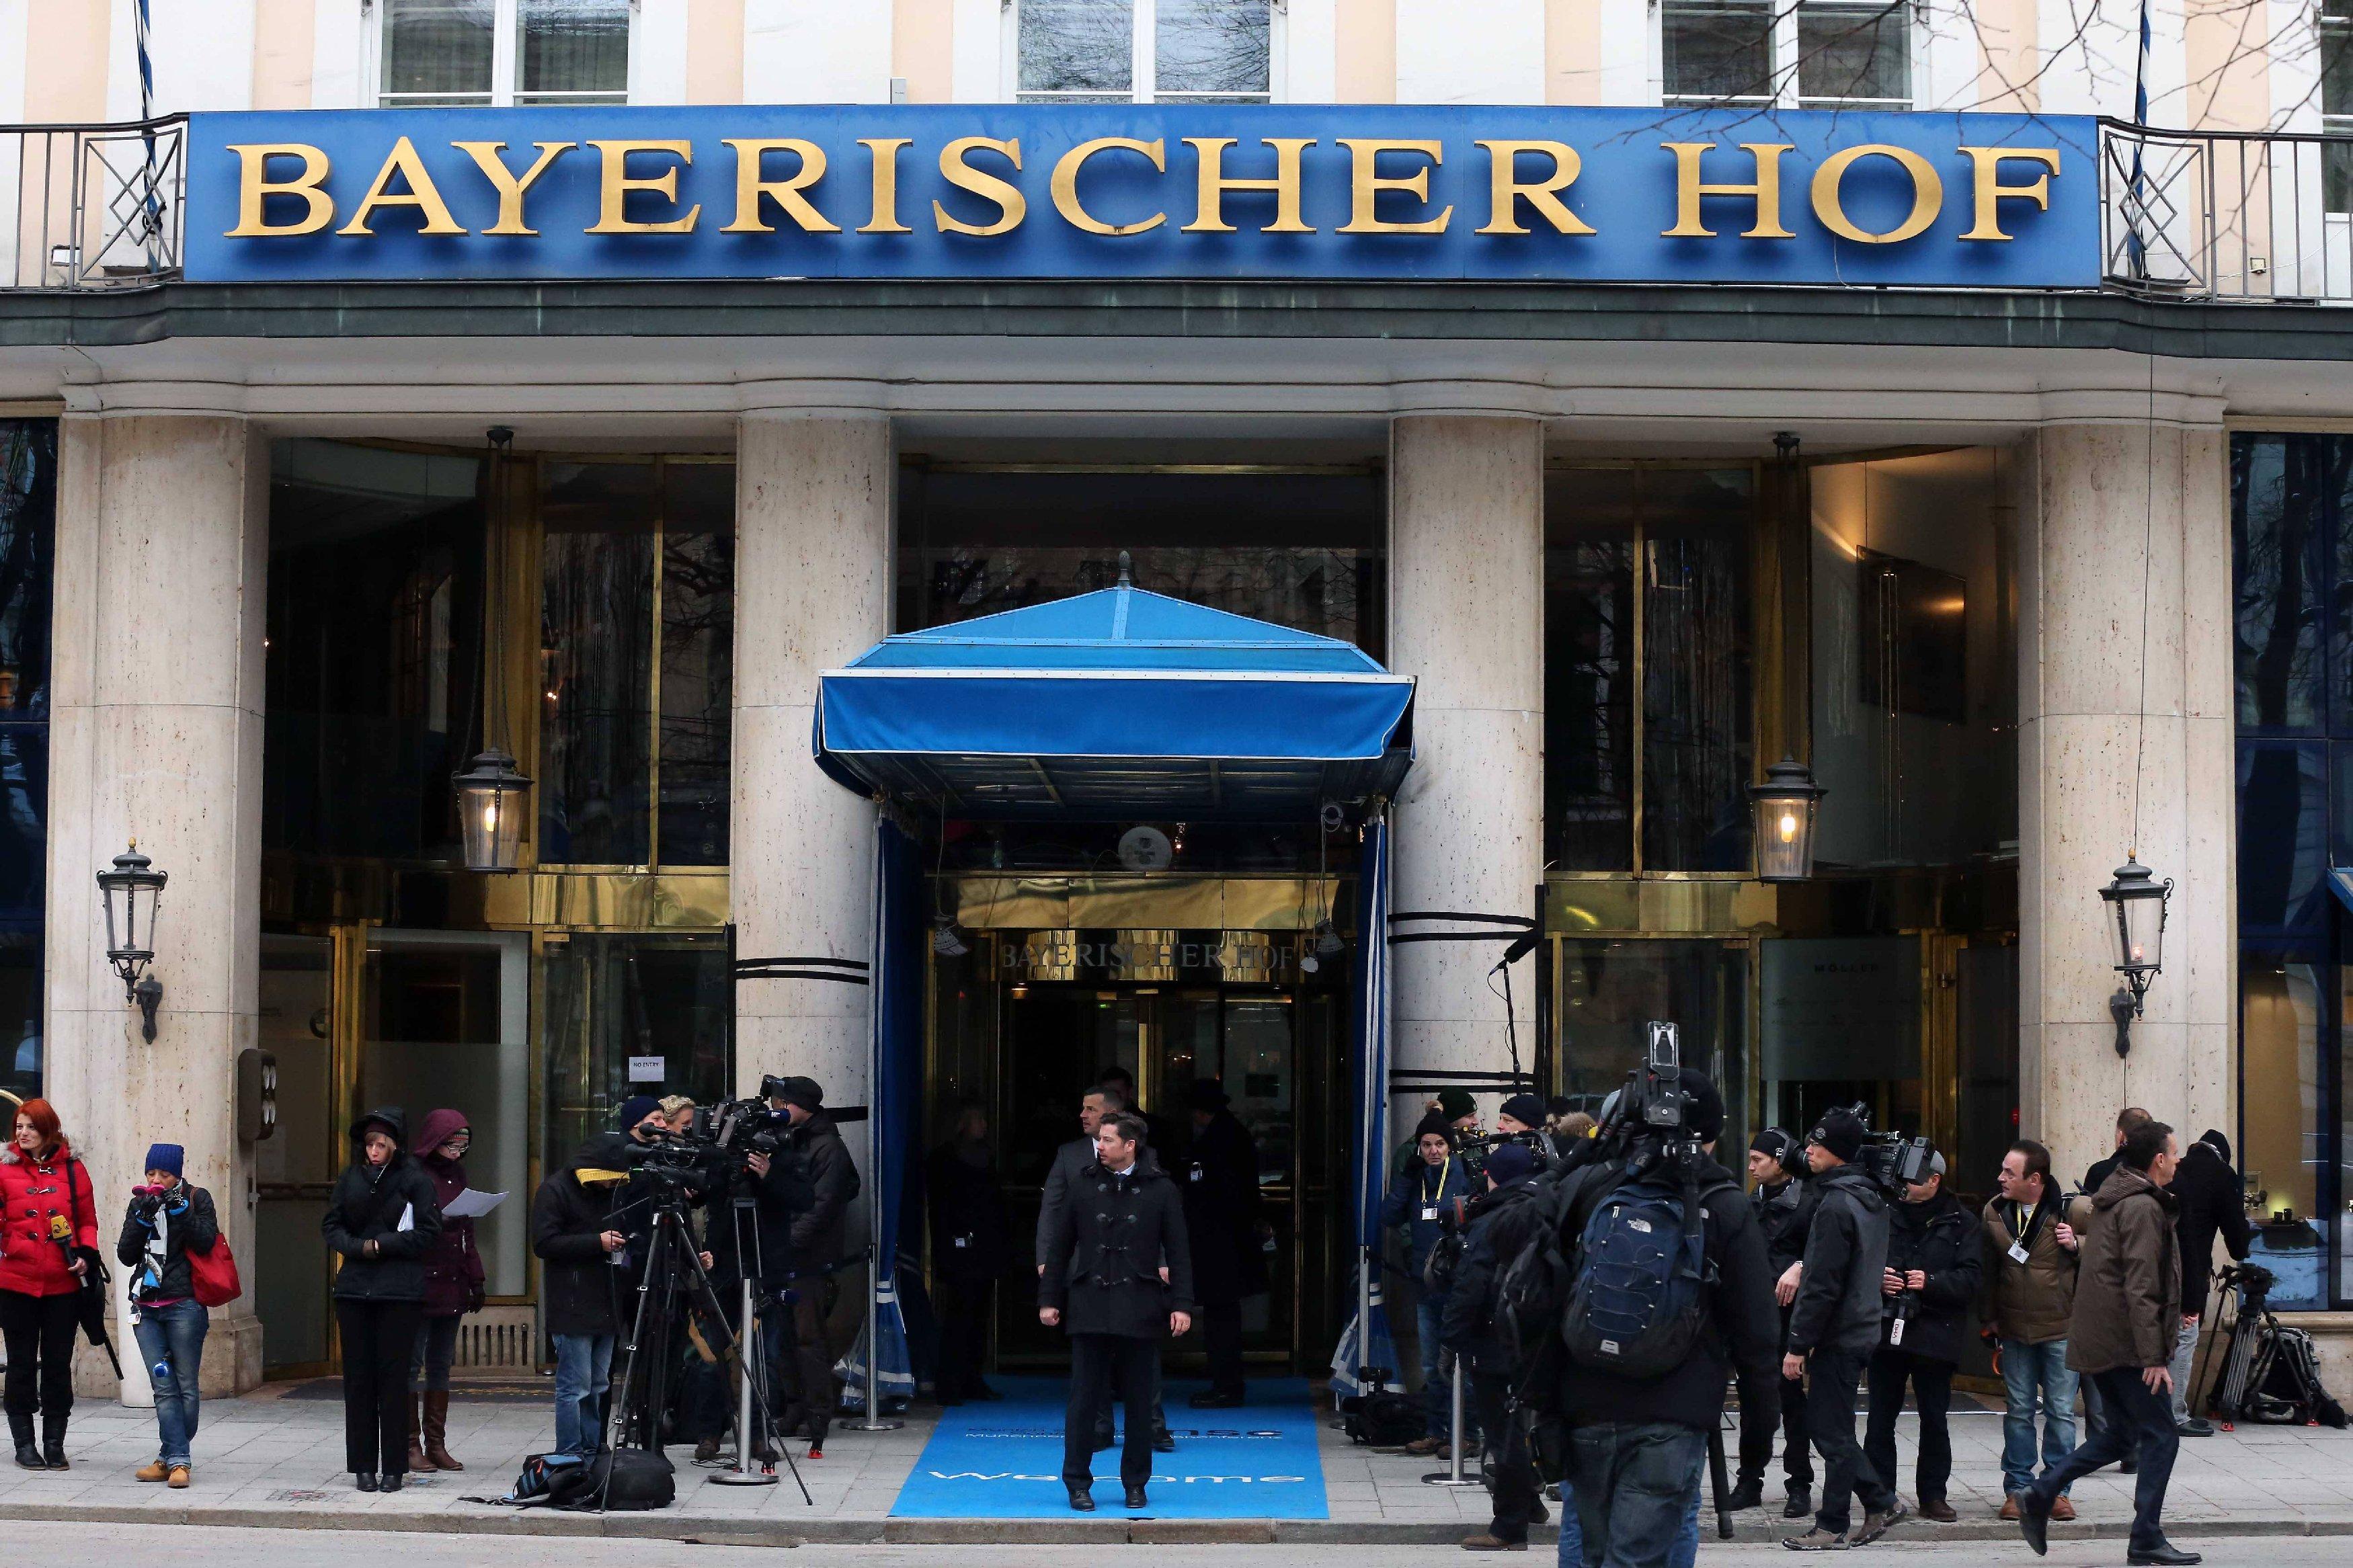 Отель Bayerischer Hof, где открылась конференция по безопасности